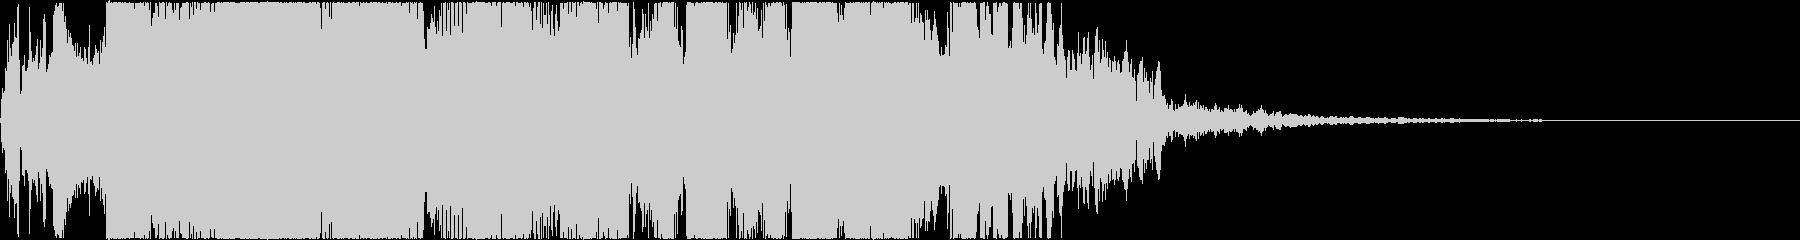 凶悪なベース系ジングル・CM [EDM]の未再生の波形